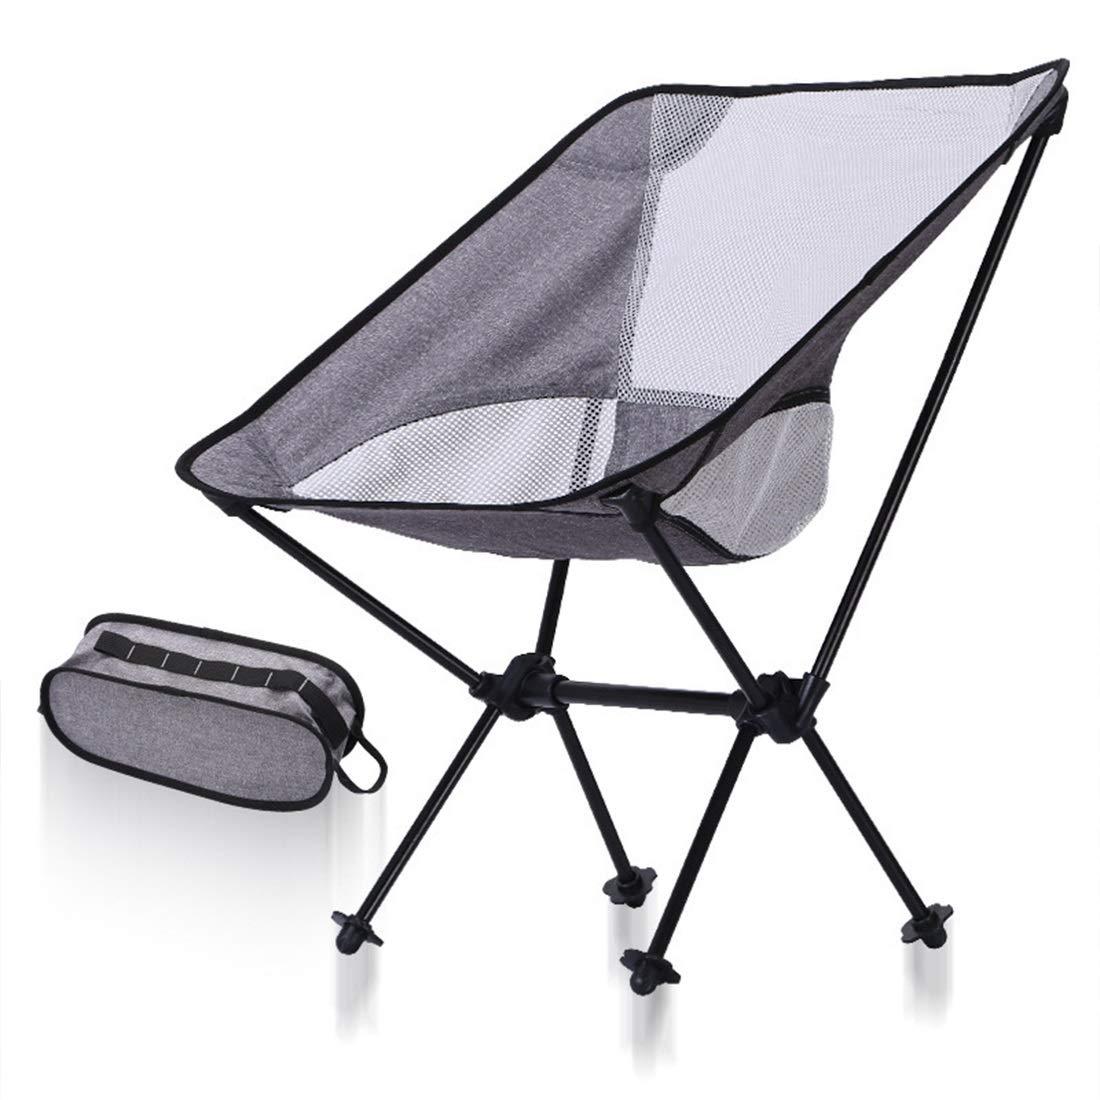 FUBULECY Outdoor Stuhl Camping Stuhl Ultra Leichte Kompakte Montage Tragfähigkeit 150 kg Aluminiumlegierung Angeln Wandern Klettern Kirschblüte Feuerwerk Display Einfache Lagerung